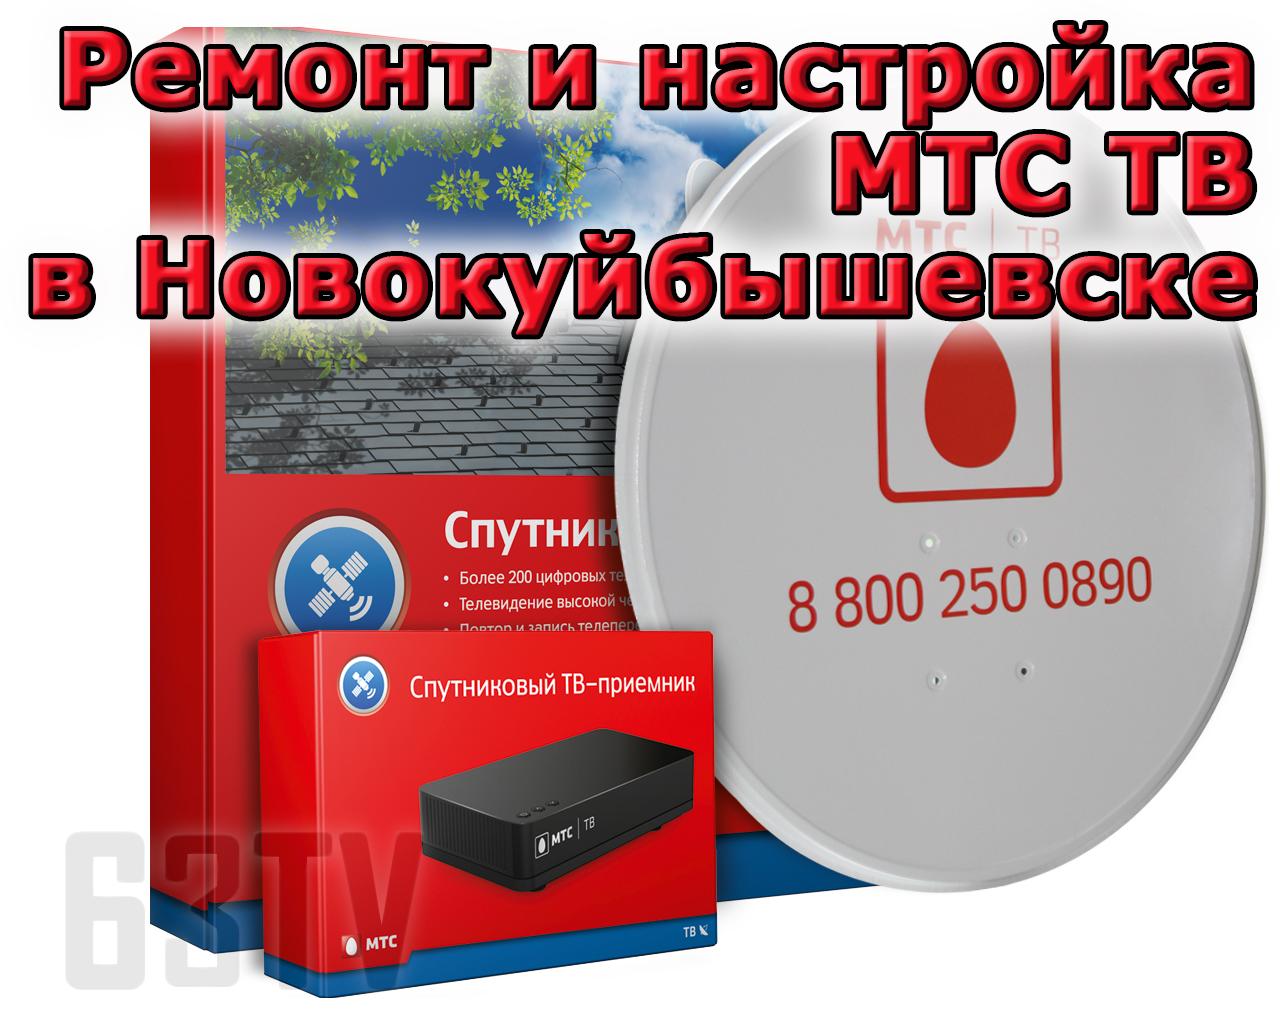 Ремонт и настройка МТС ТВ в Новокуйбышевске